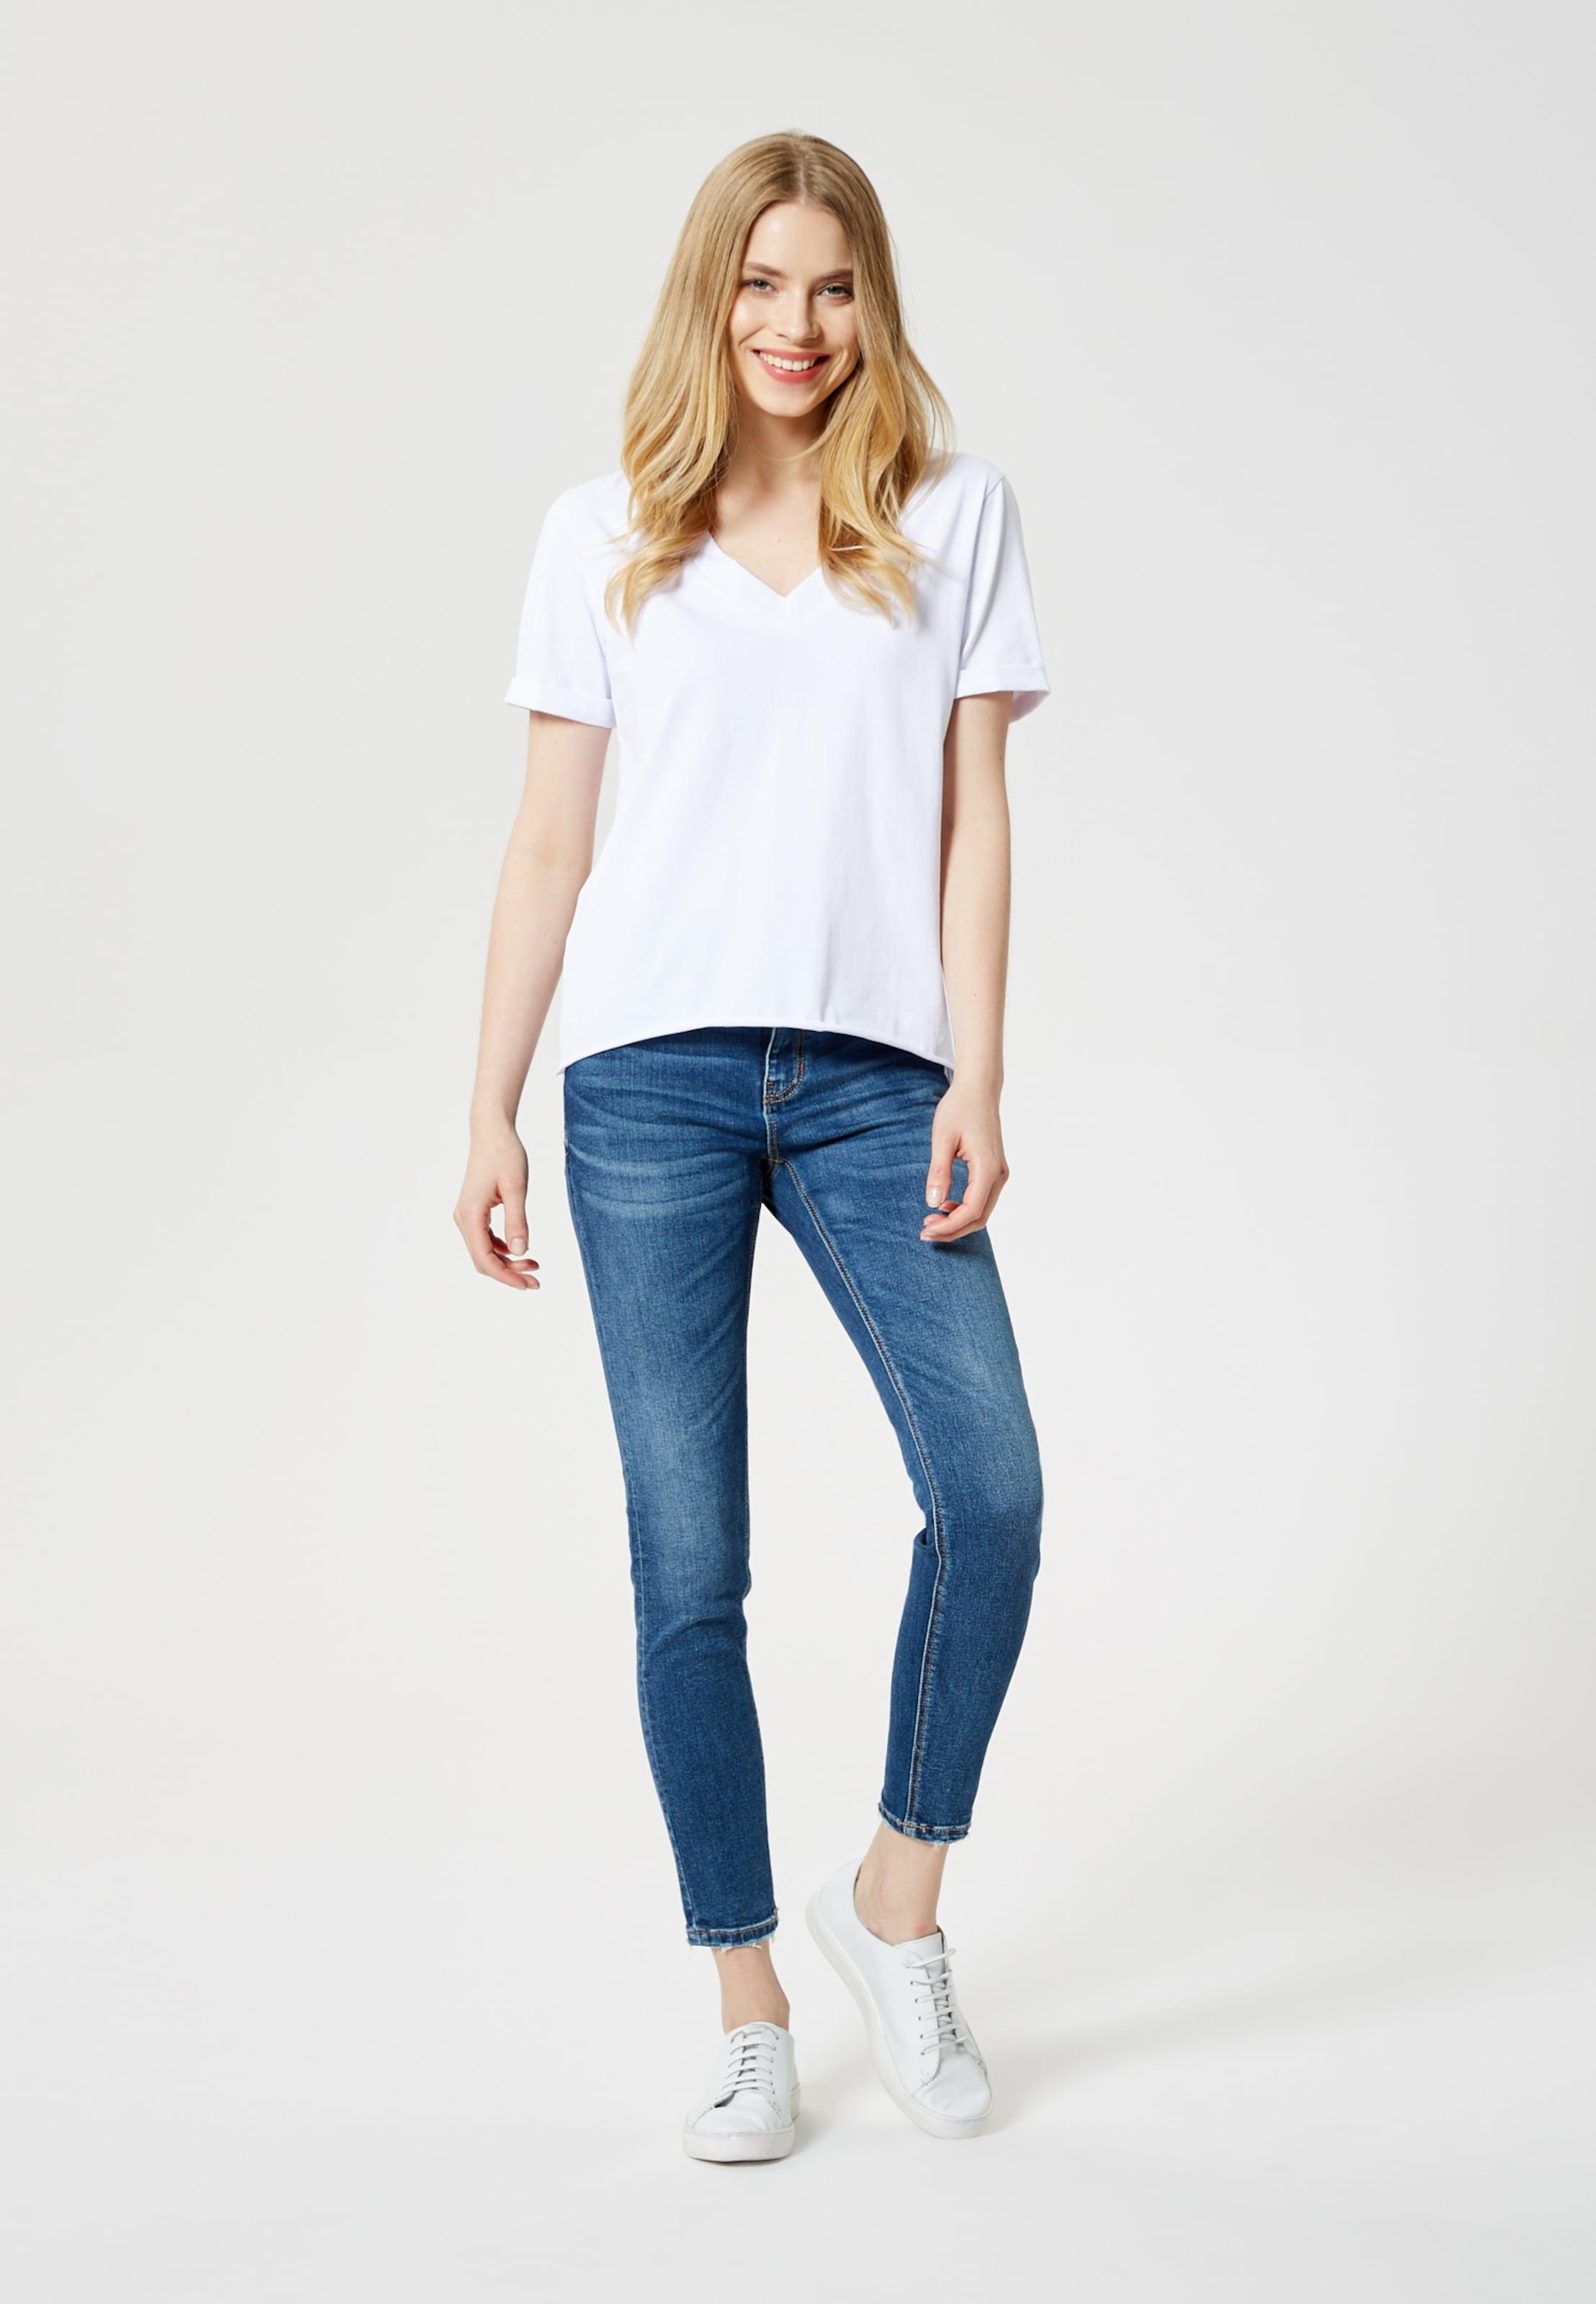 Blanc Usha shirt En T En shirt Blanc Usha T TFKc31Jl